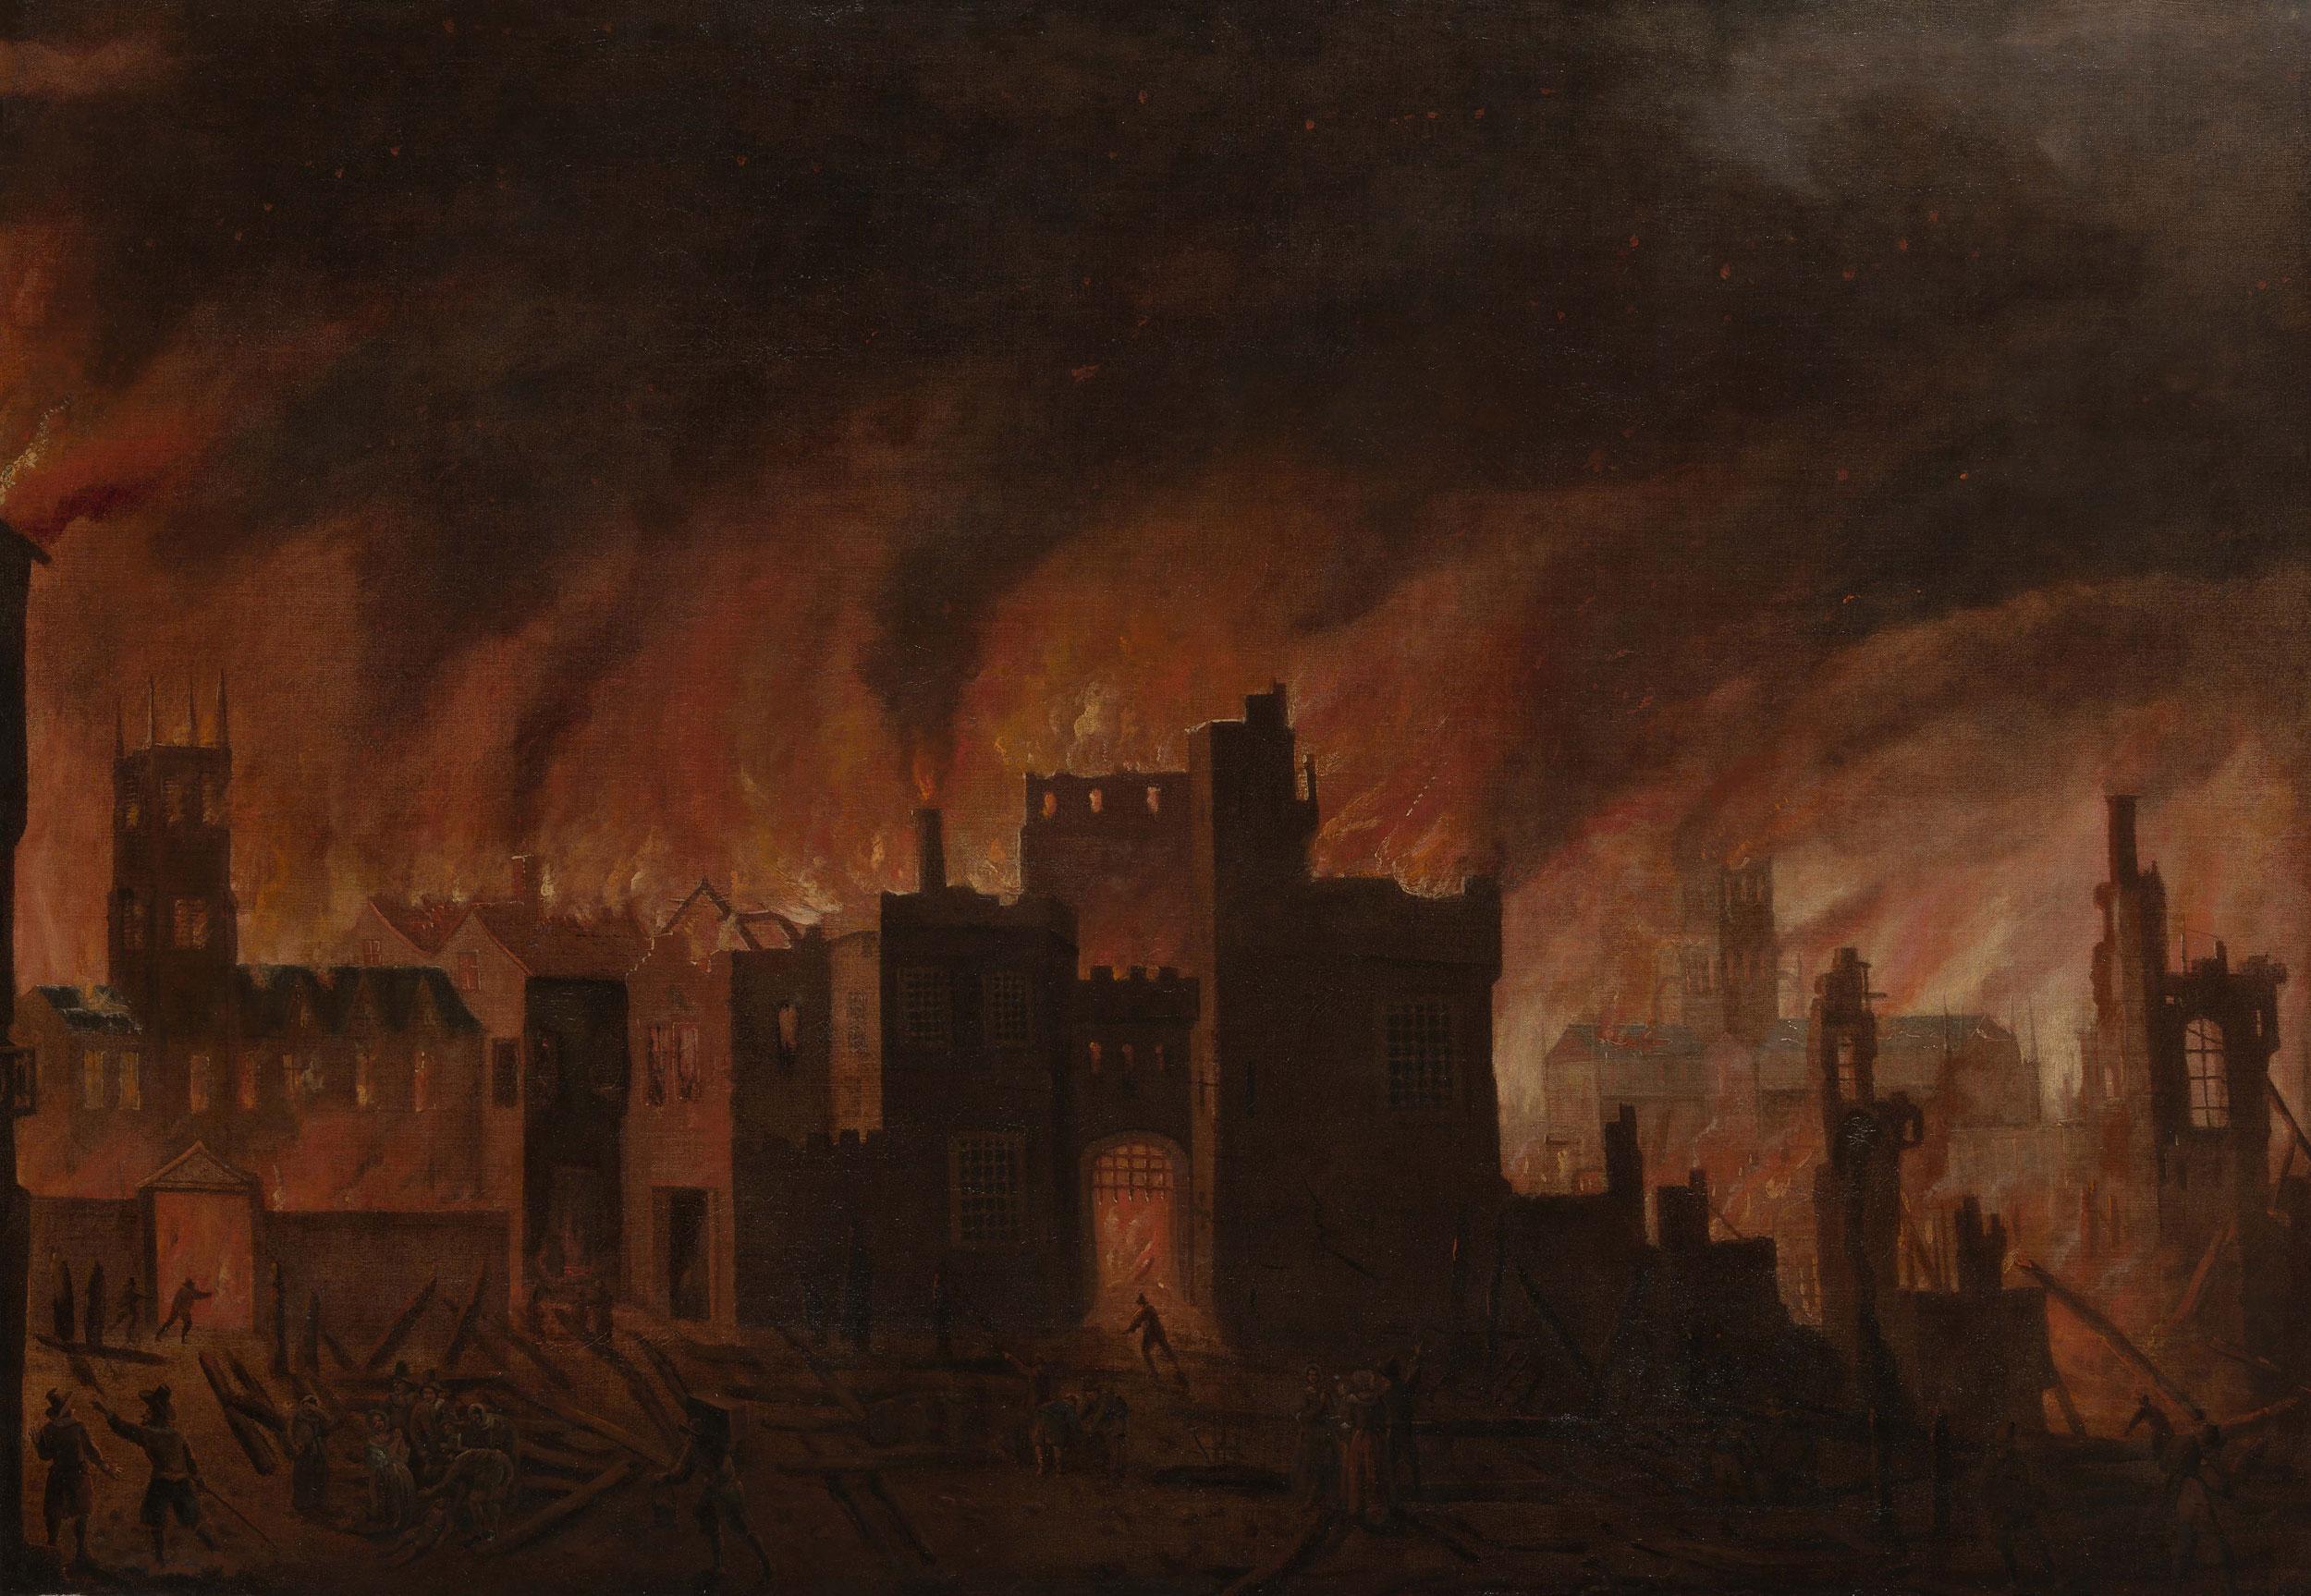 колесо, великий лондонский пожар картинка анечка